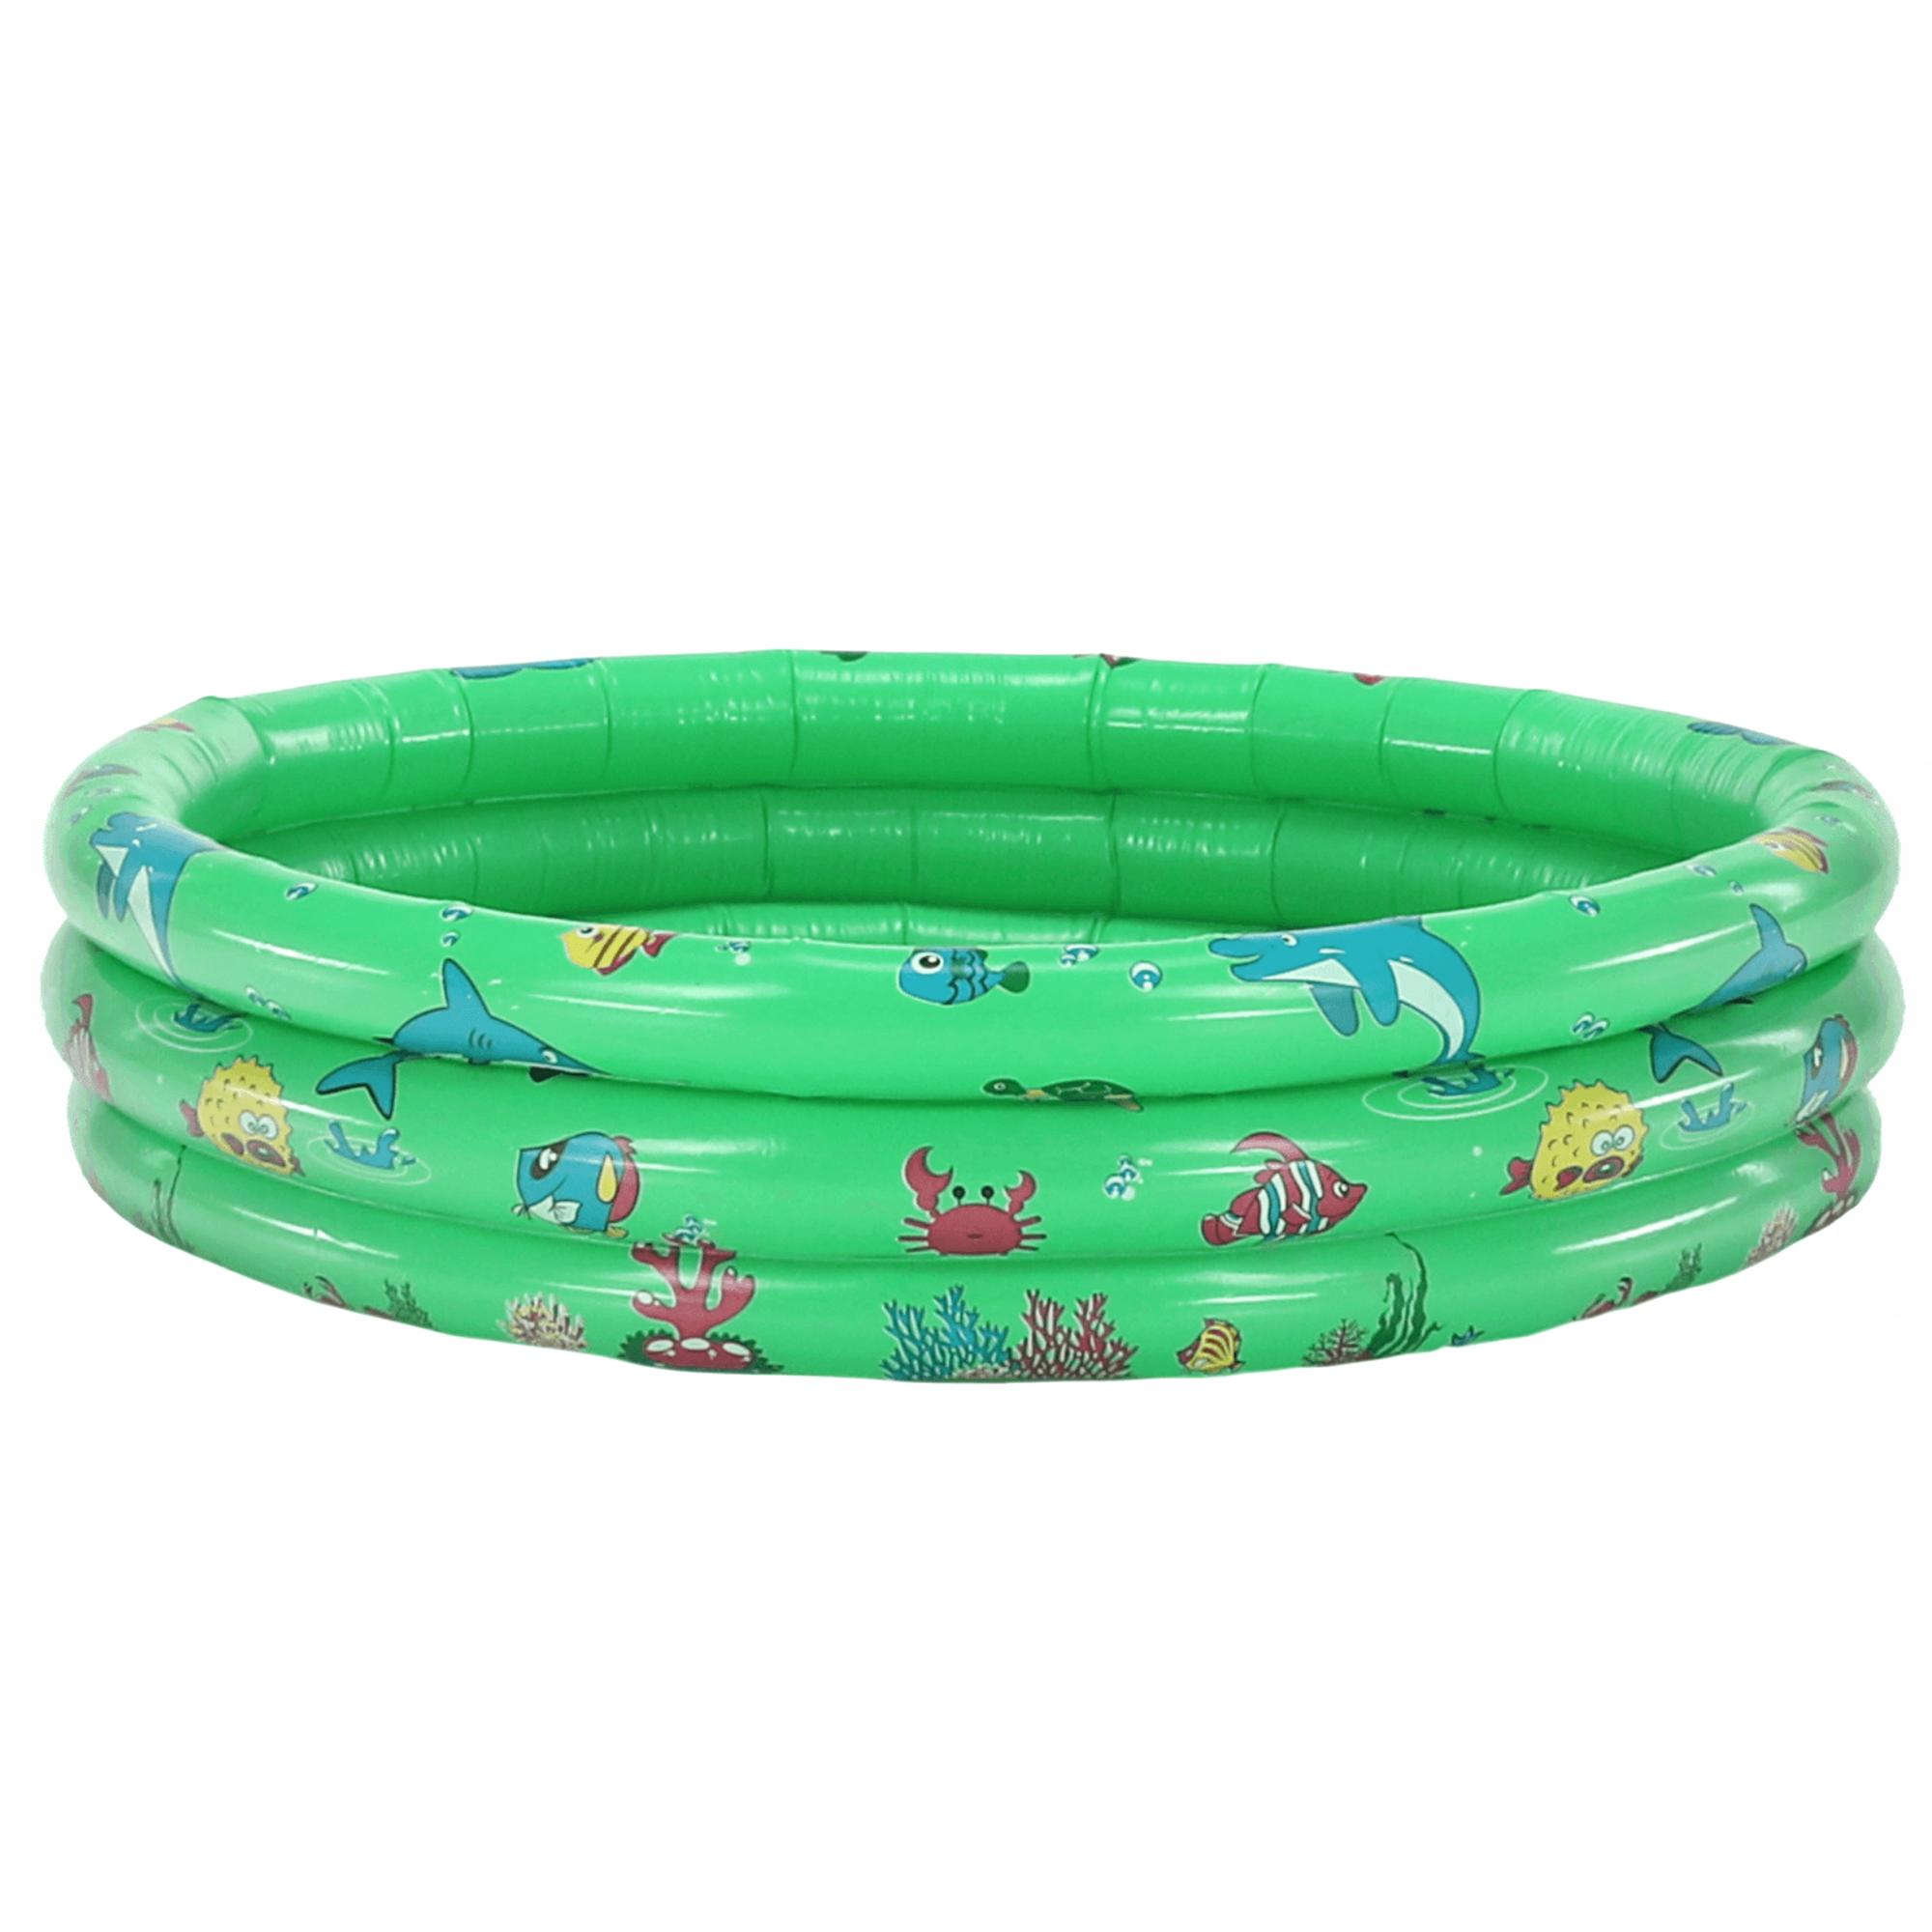 Bazin gonflabil pentru copii, verde / model, LOME